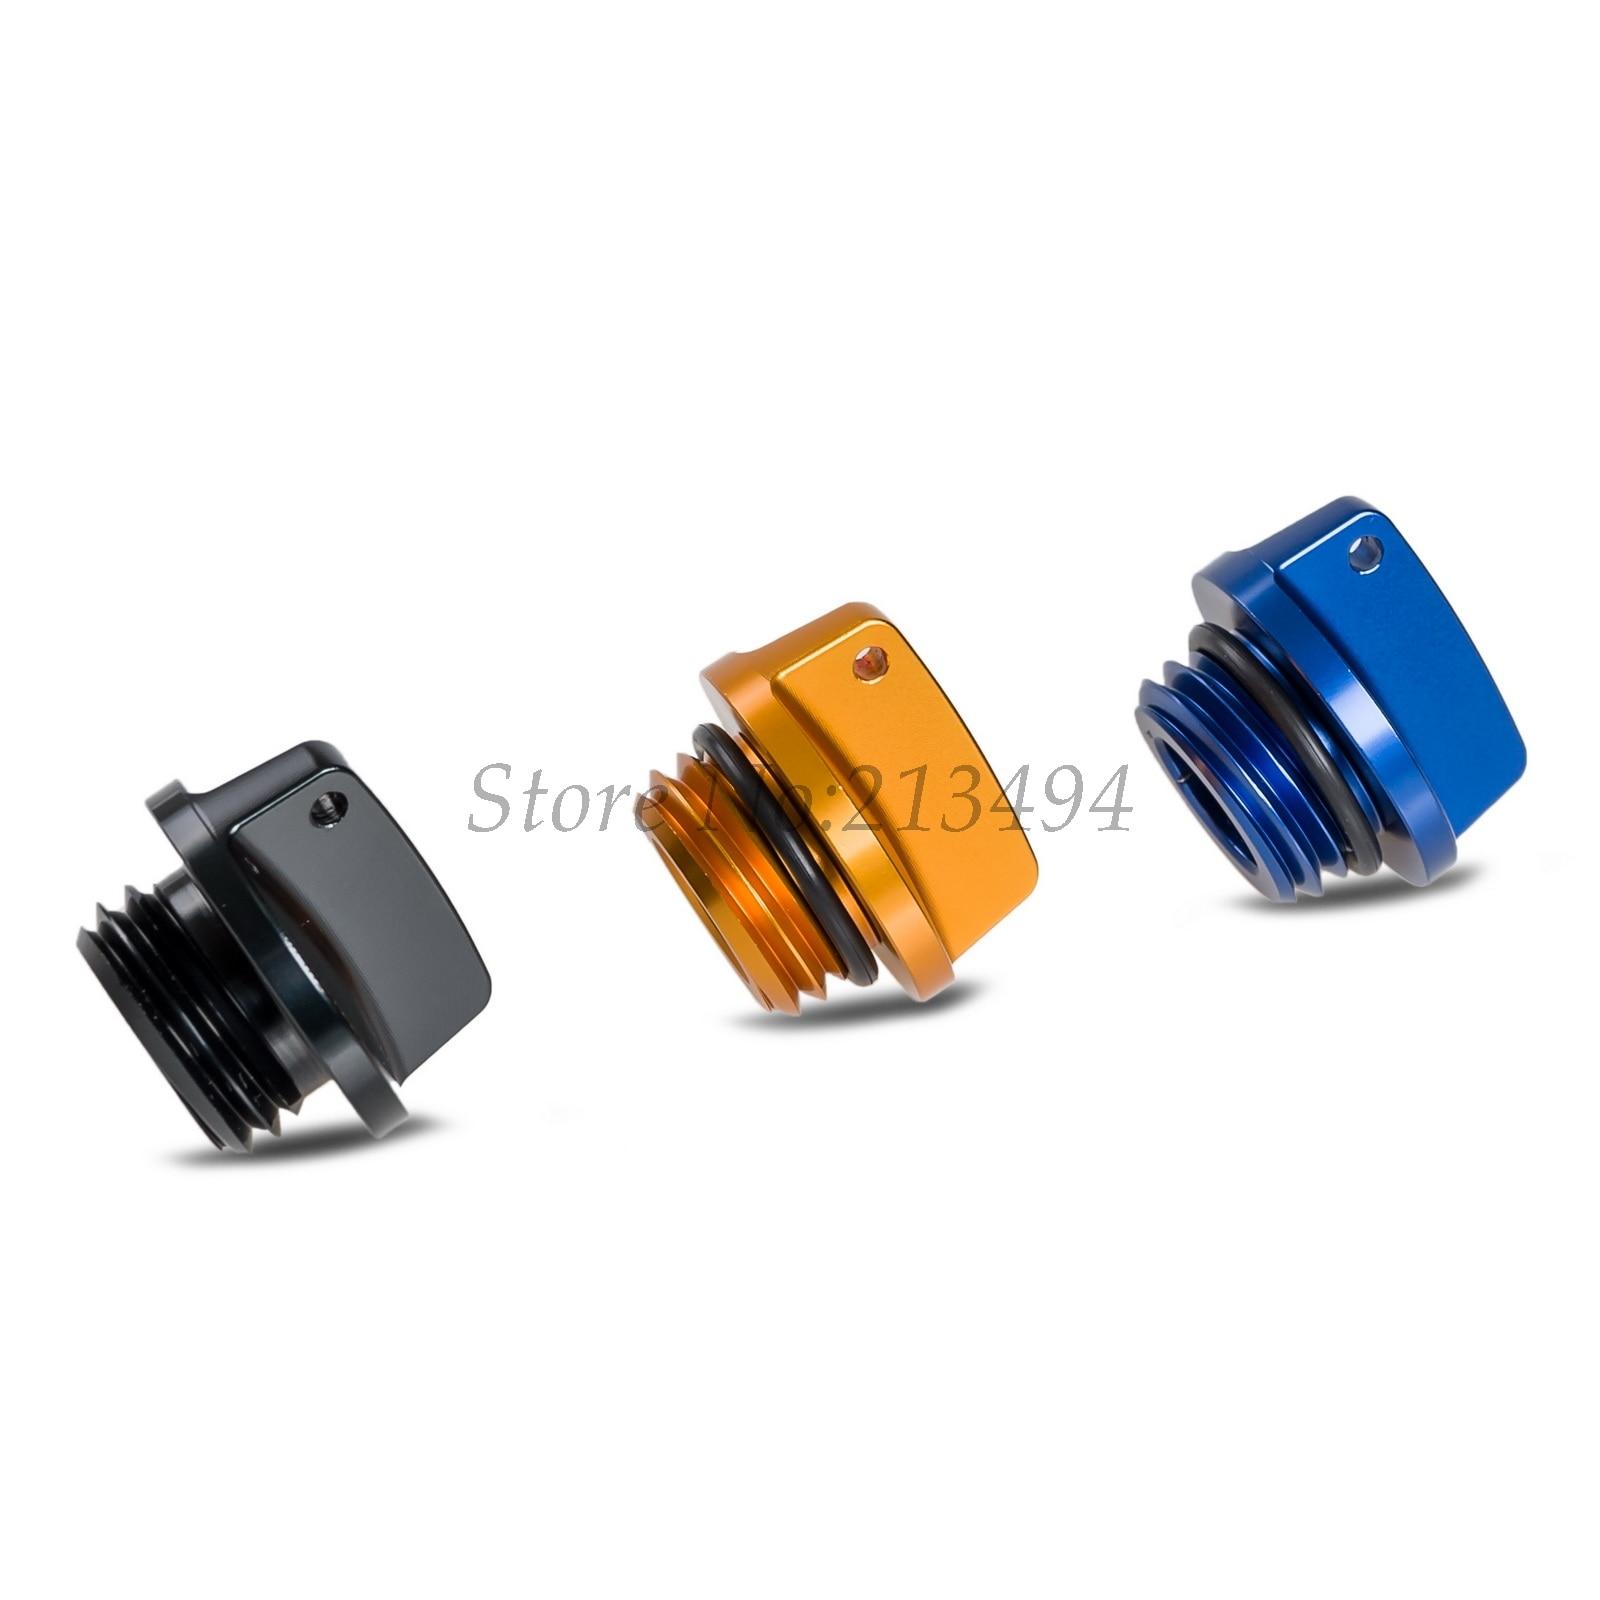 NICECNC Filtre À Huile Moteur Cap Plug Pour Yamaha R1 R3 R6 R25 FZ1 FZ6 FAZER FZS1000 MT07 FZ07 TDM850 MT03 MT25 FJR1300 XJ900 FZ6R